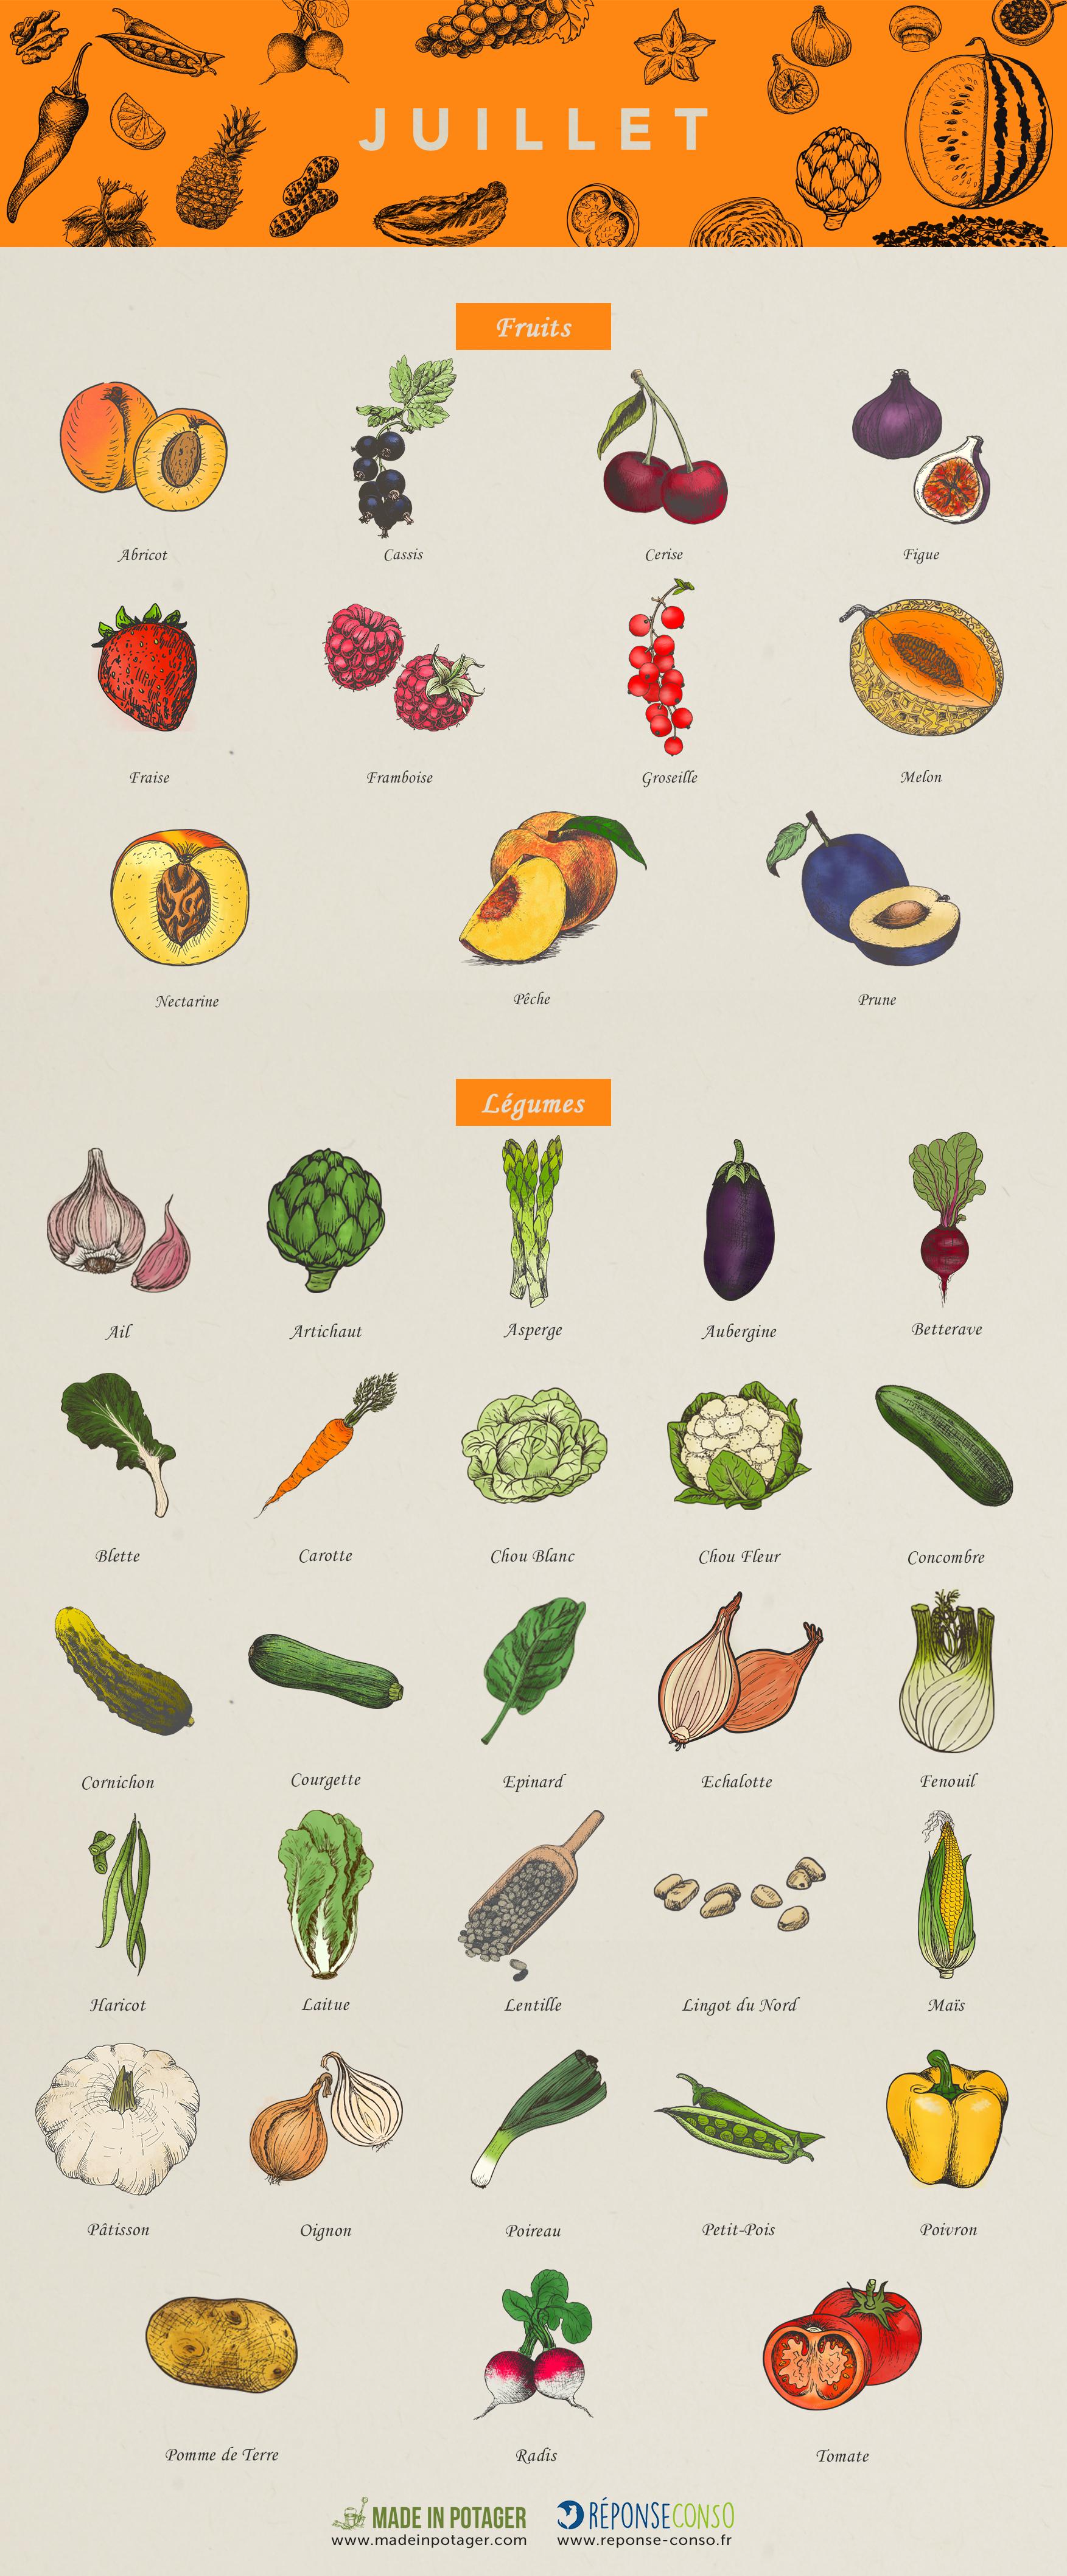 Bien connu Juillet : quels sont les fruits et légumes de saison ? - Reponse Conso RE39